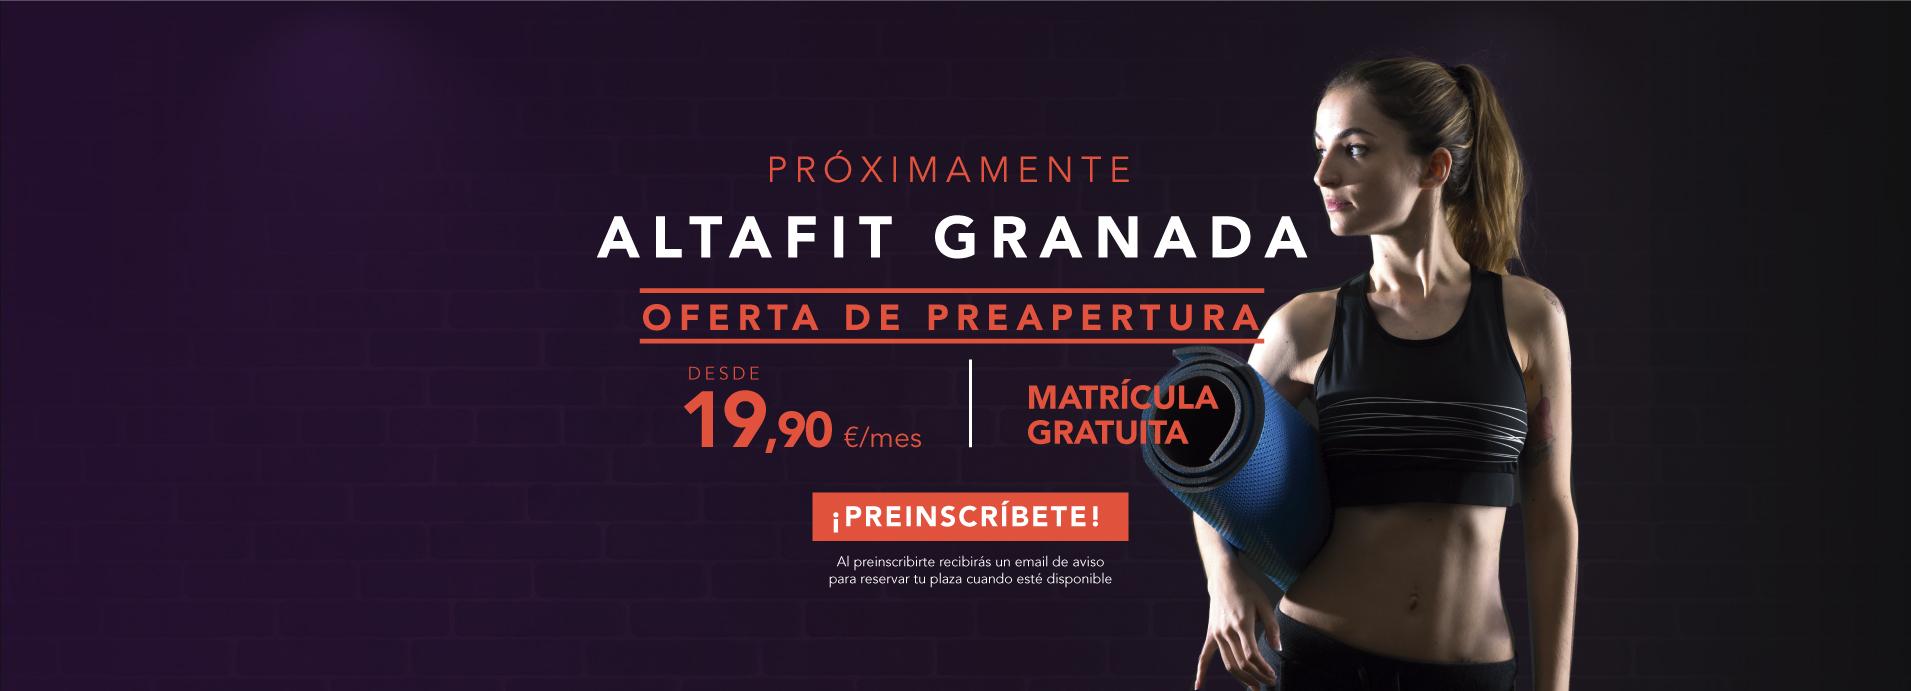 Preinscríbete en el nuevo Altafit Granada